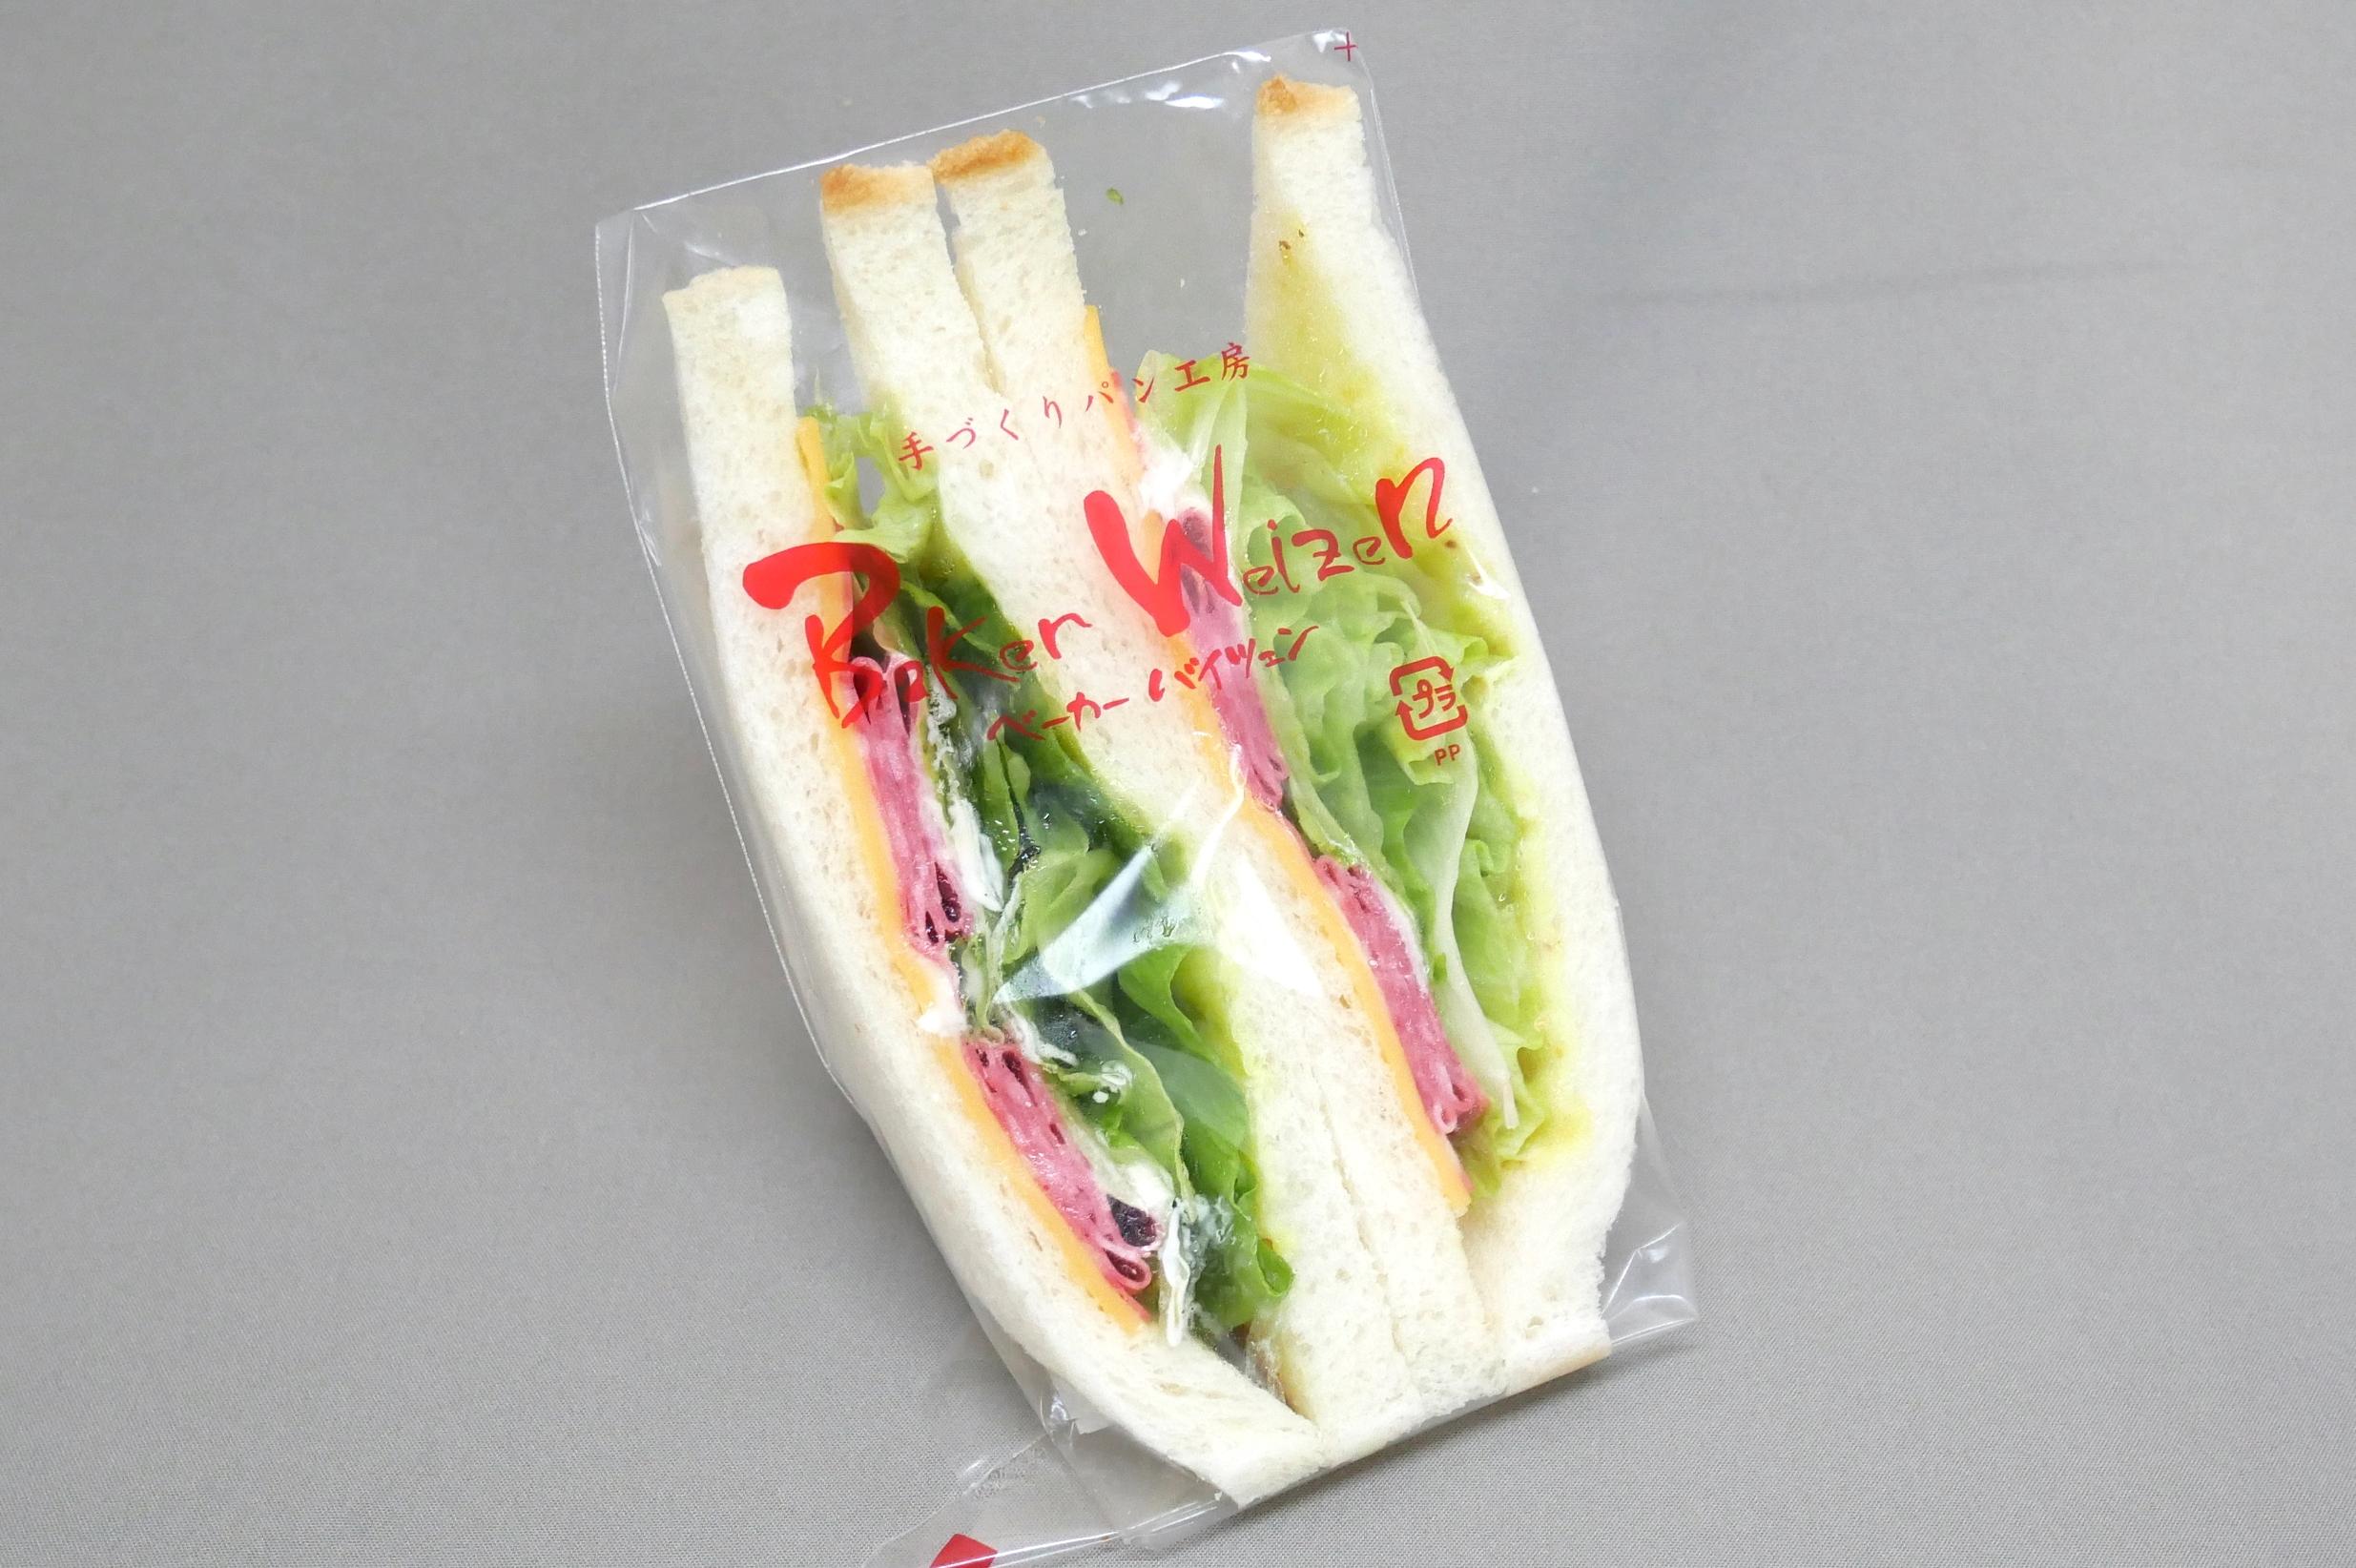 レタスが主役のサンドイッチ